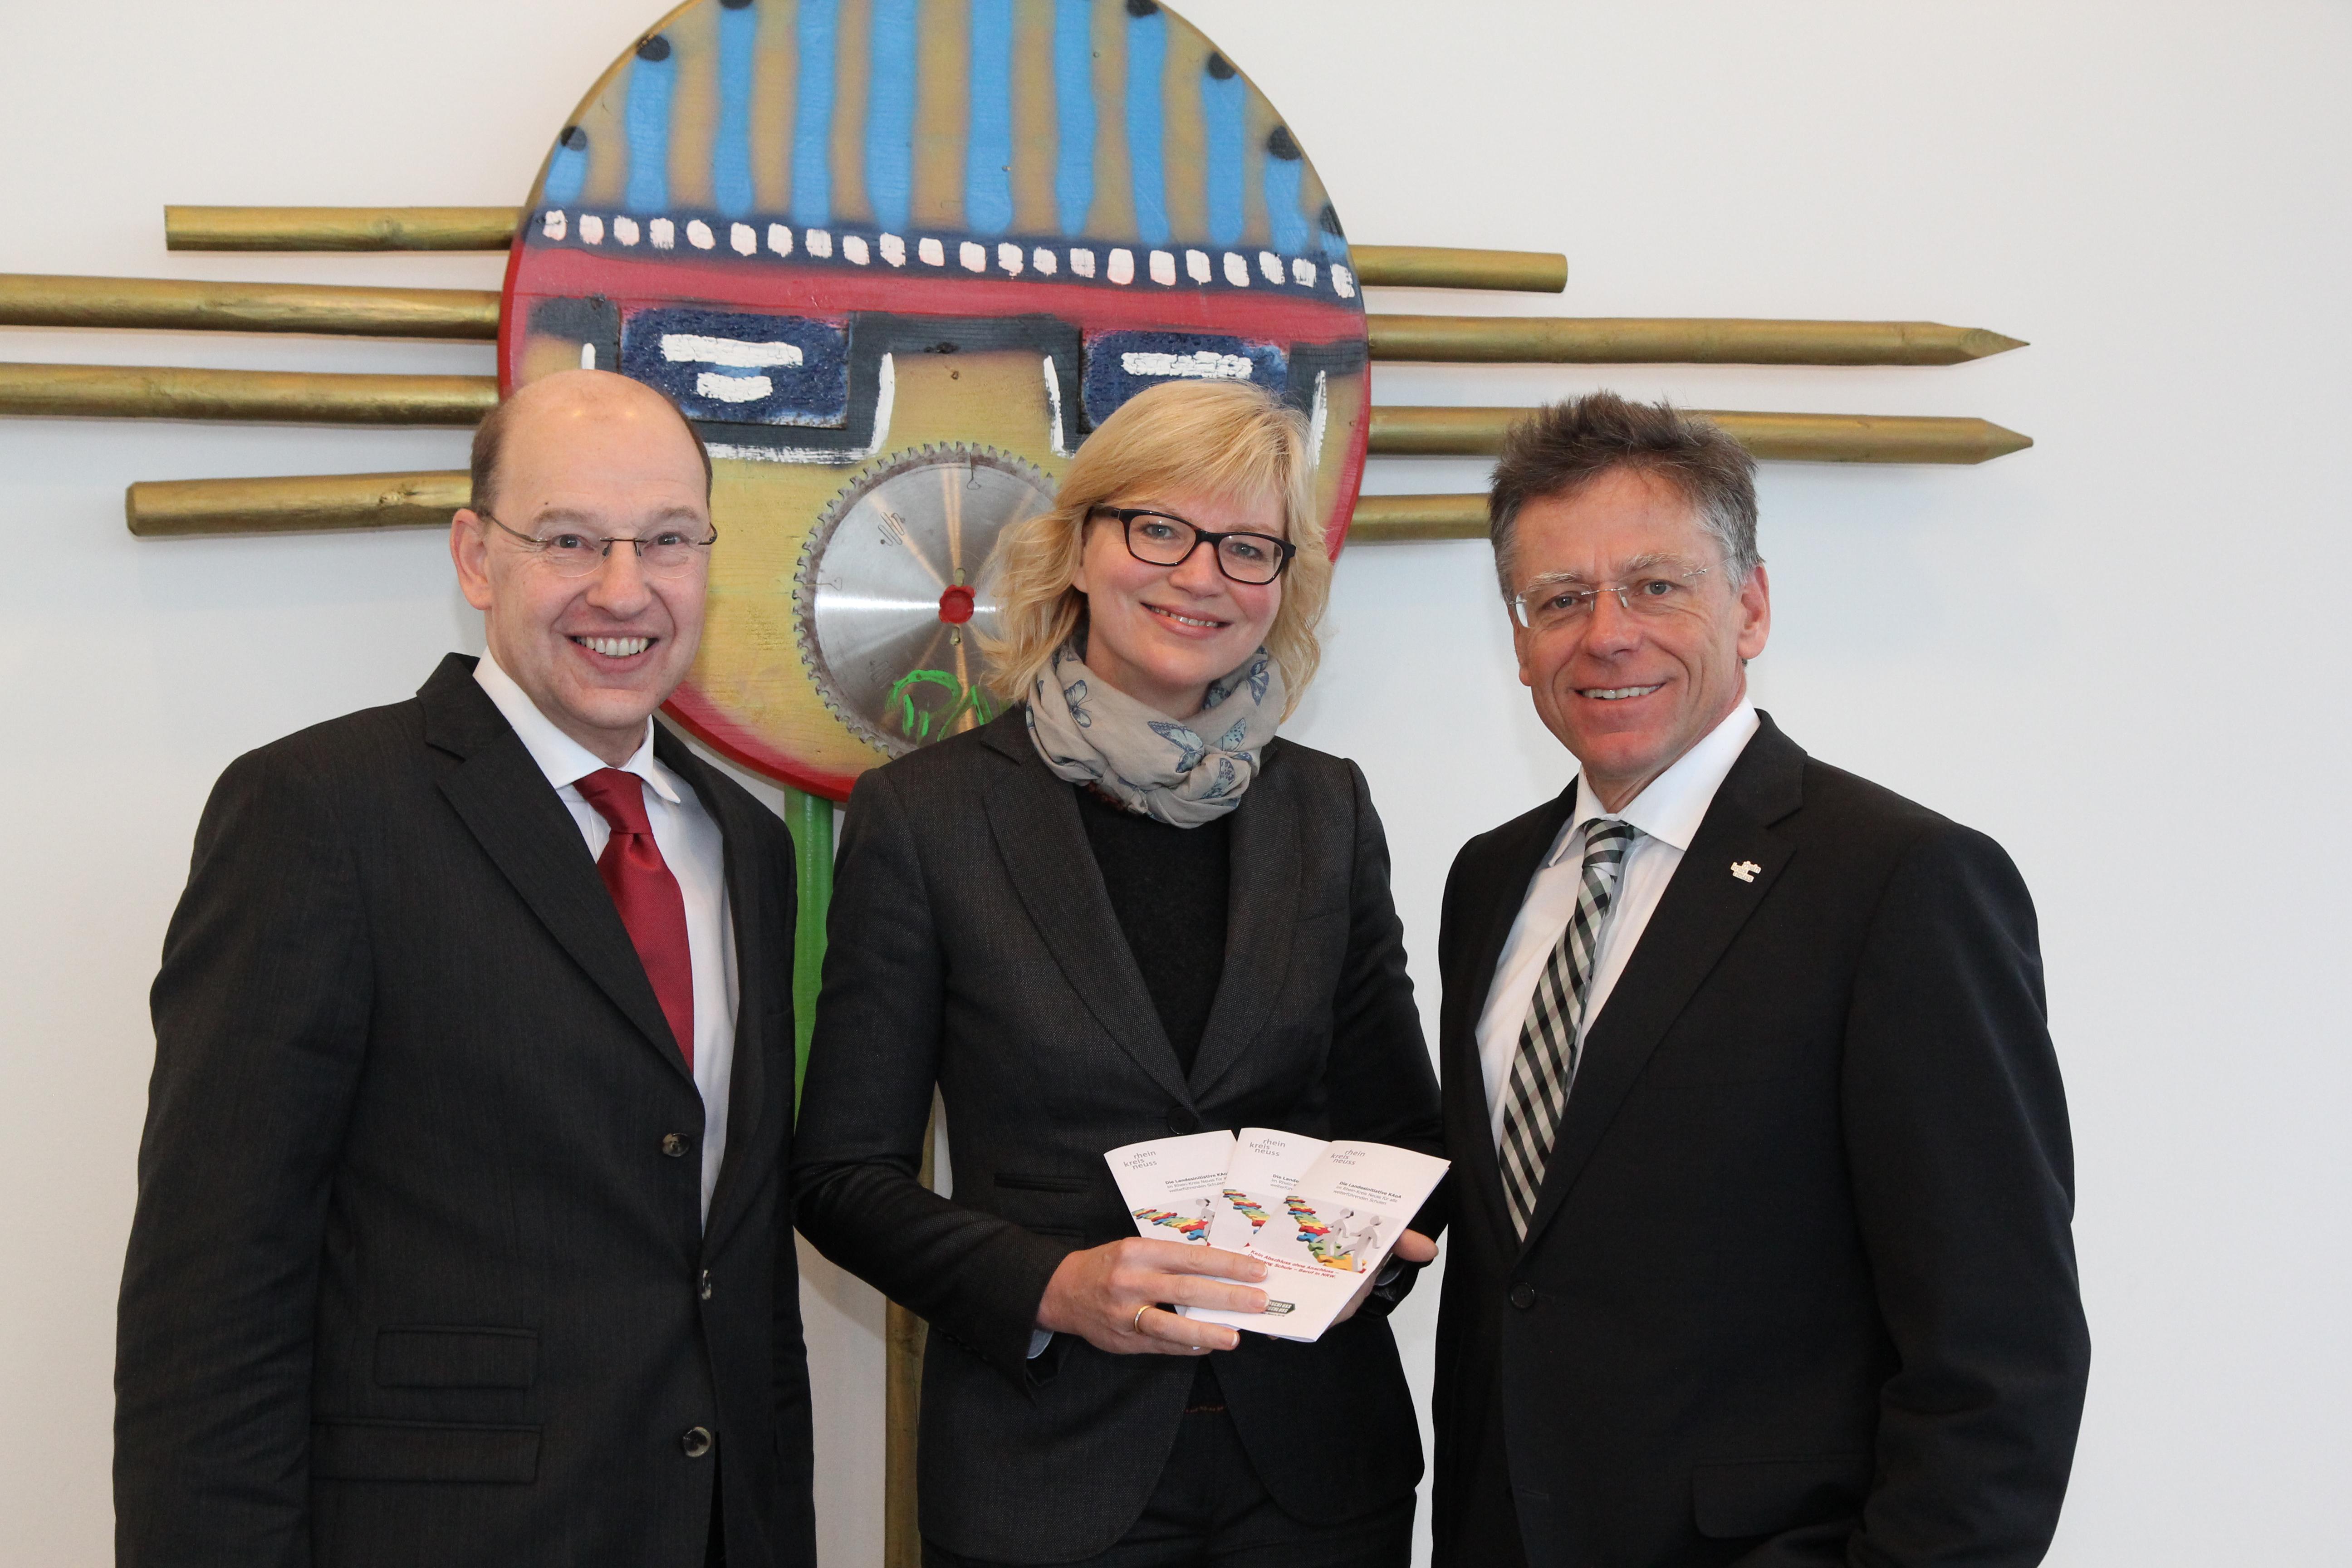 V.l.: Kreisdezernent Tillmann Lonnes, Projektleiterin Claudia Trampen und Landrat Hans-Jürgen Petrauschke (Foto: Rhein-Kreis Neuss)